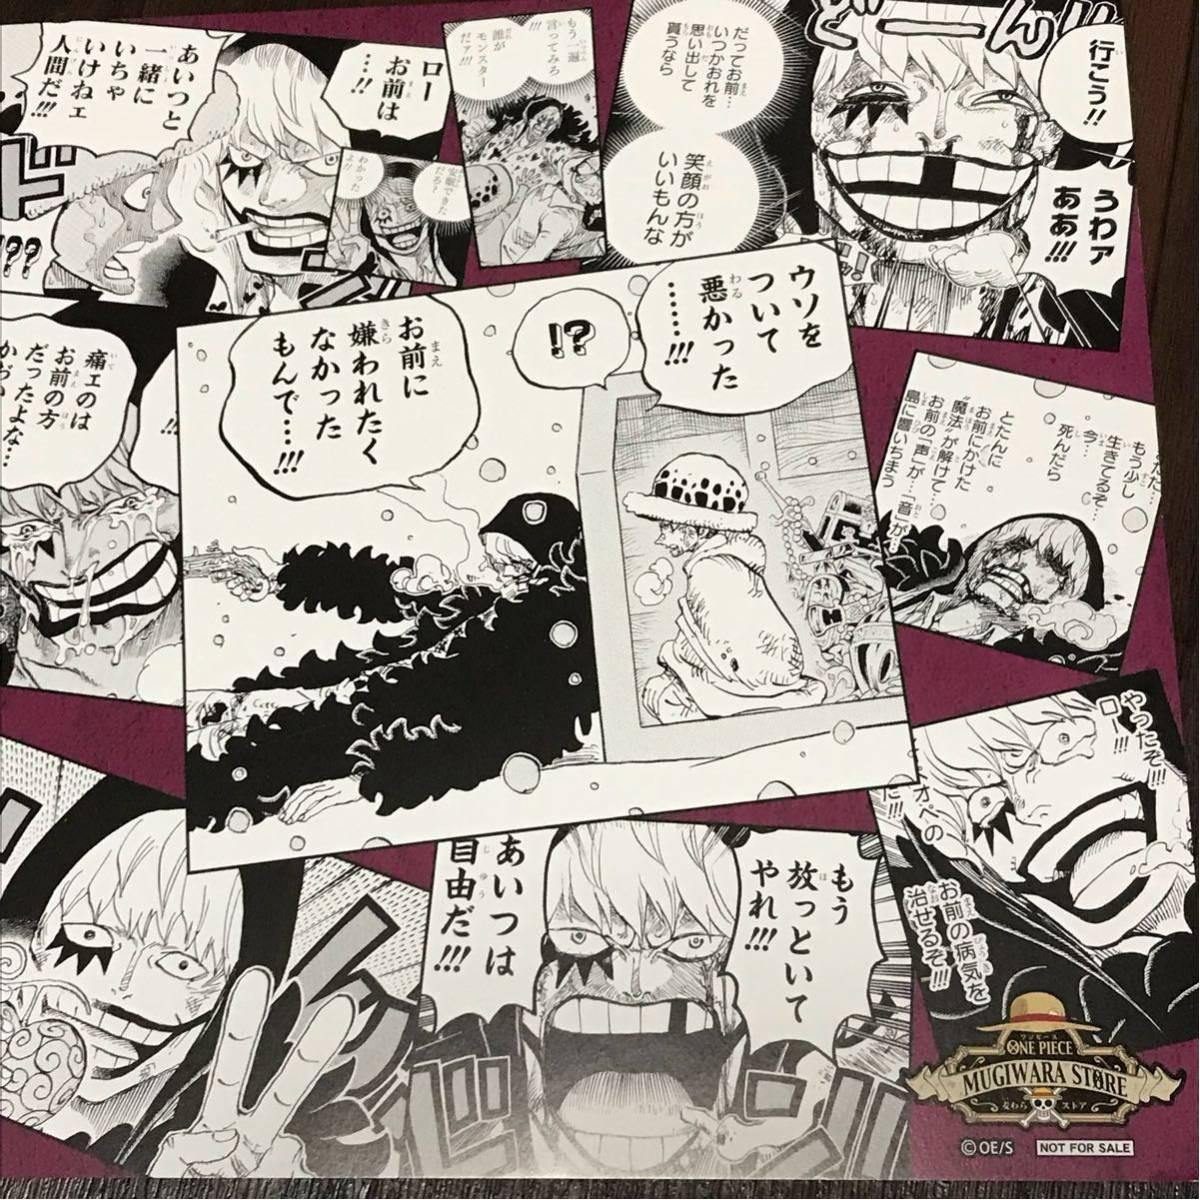 代購代標第一品牌 樂淘letao One Piece ワンピース麦わらストア限定